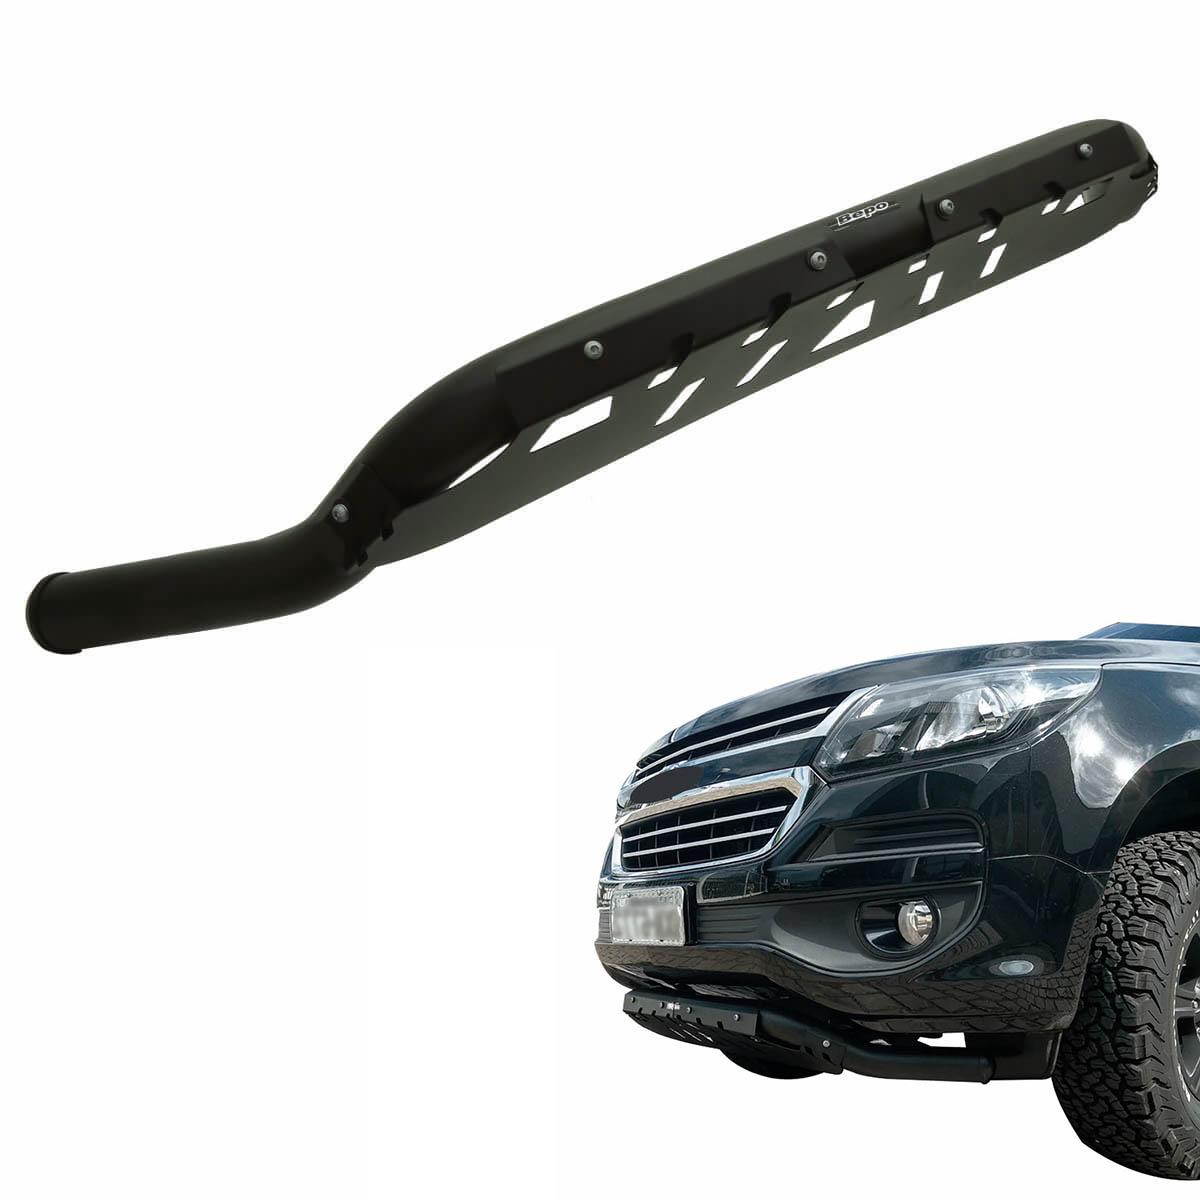 Protetor dianteiro baixo Bepo preto S10 2012 a 2020